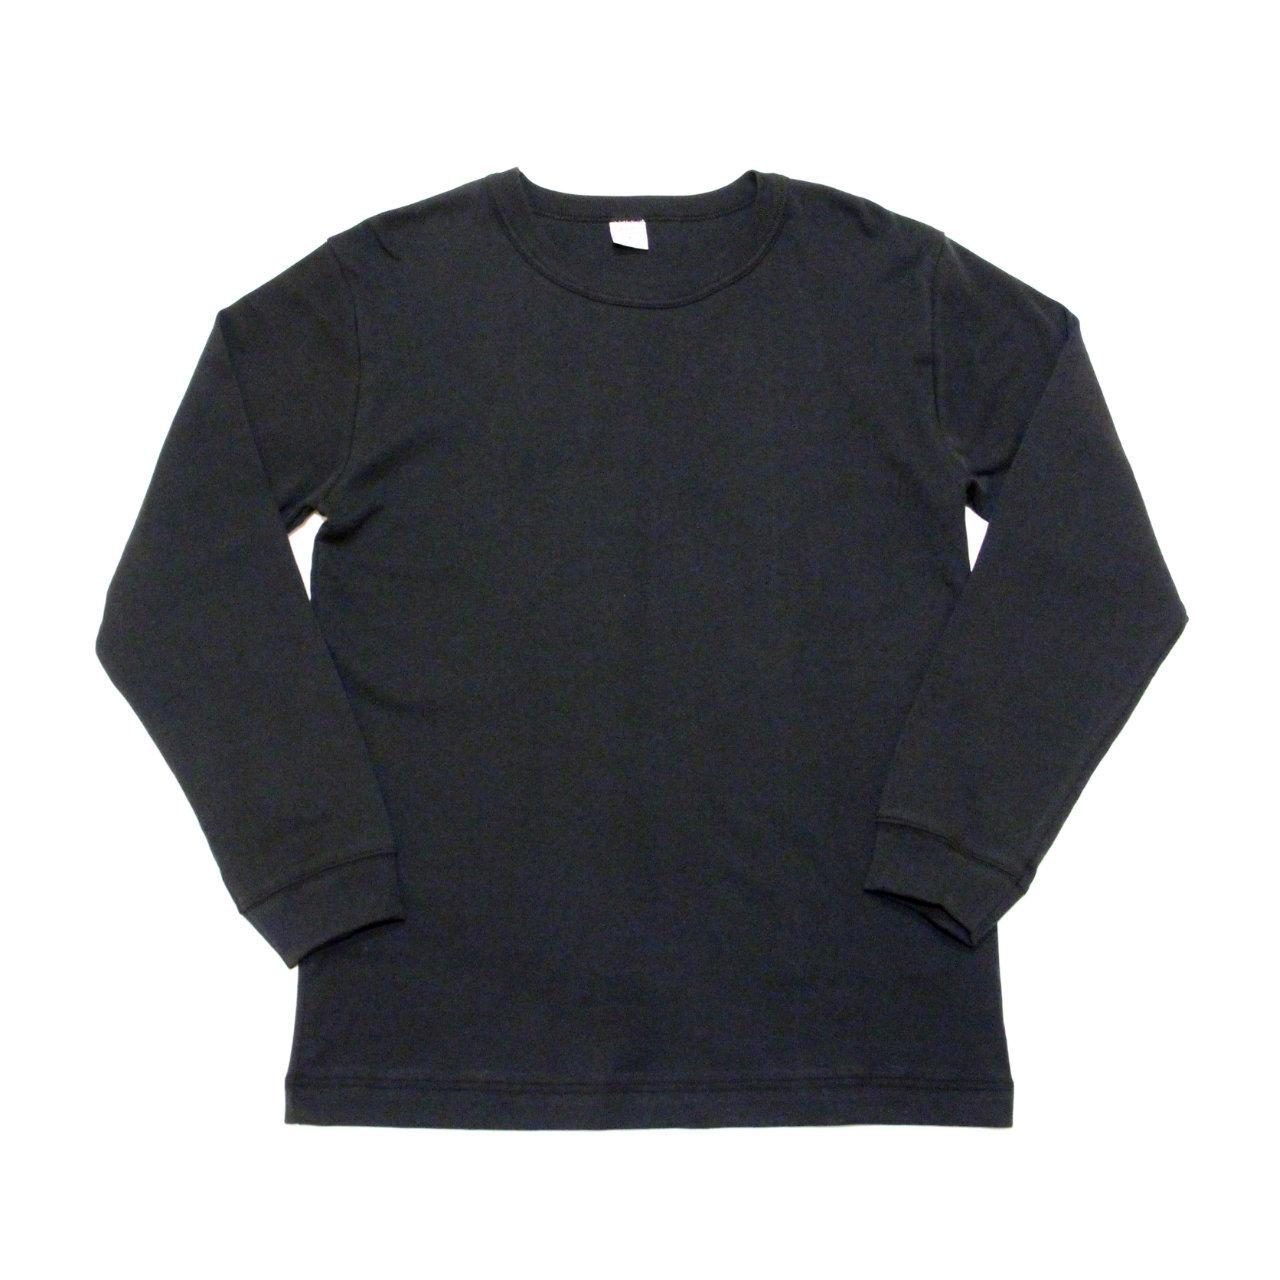 【gicipi】 イタリア製 コットン クルーネック 長袖 Tシャツ ( Giro Collo ML 2003 P) 〈Black〉